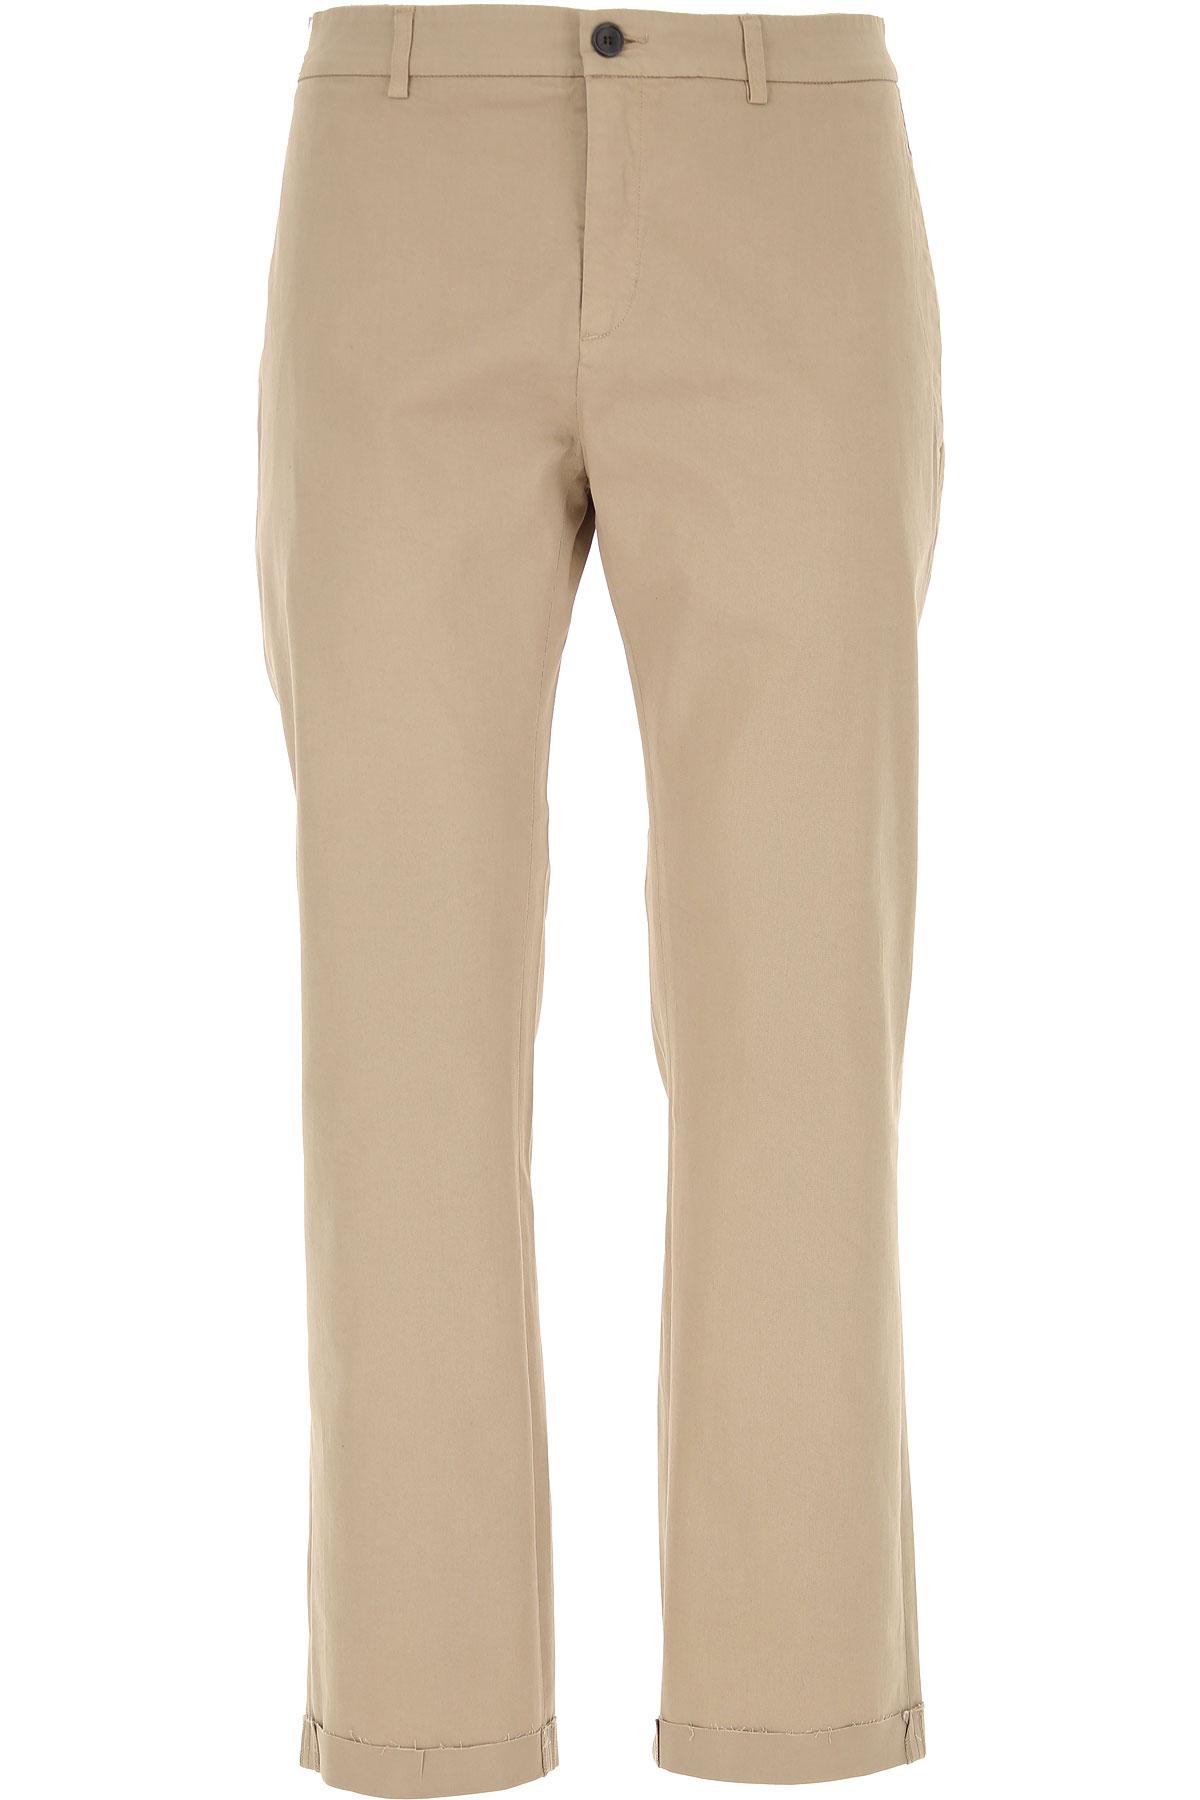 Department Five Pants for Men On Sale, Beige, Cotton, 2019, 31 32 33 34 35 36